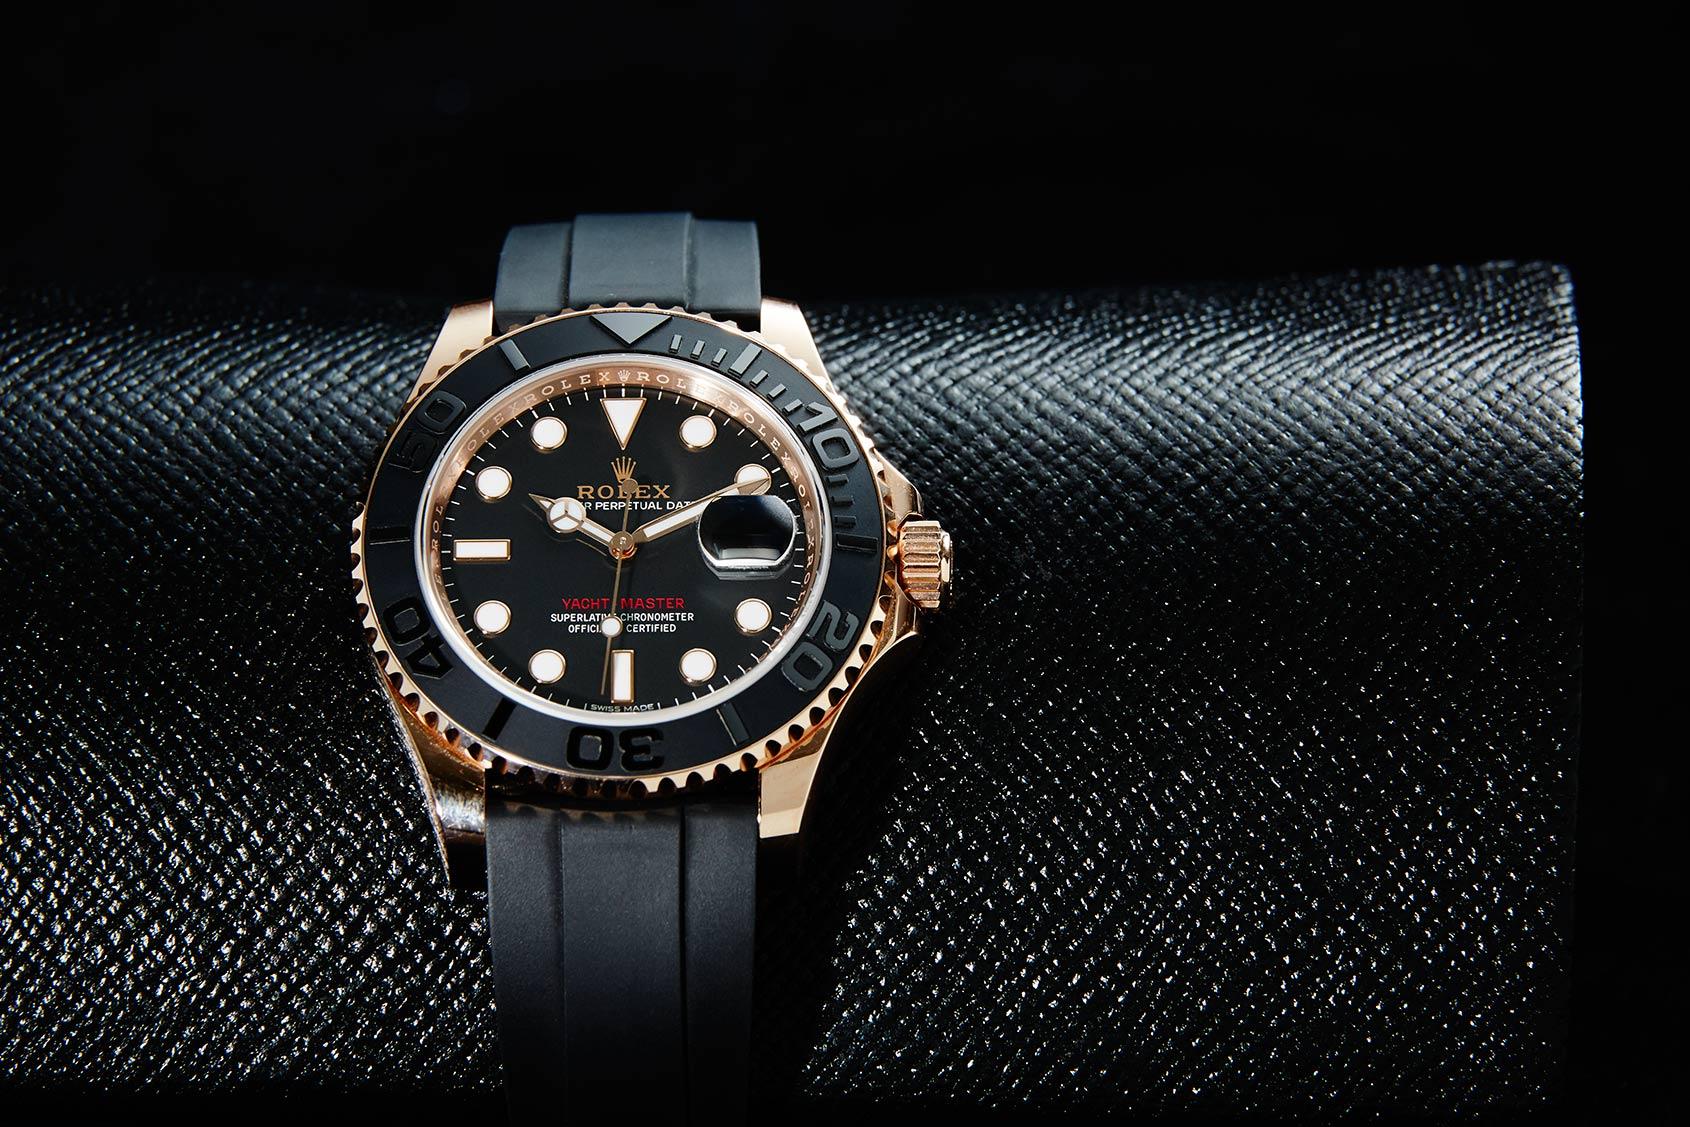 Rolex-yacht-master-116655-21